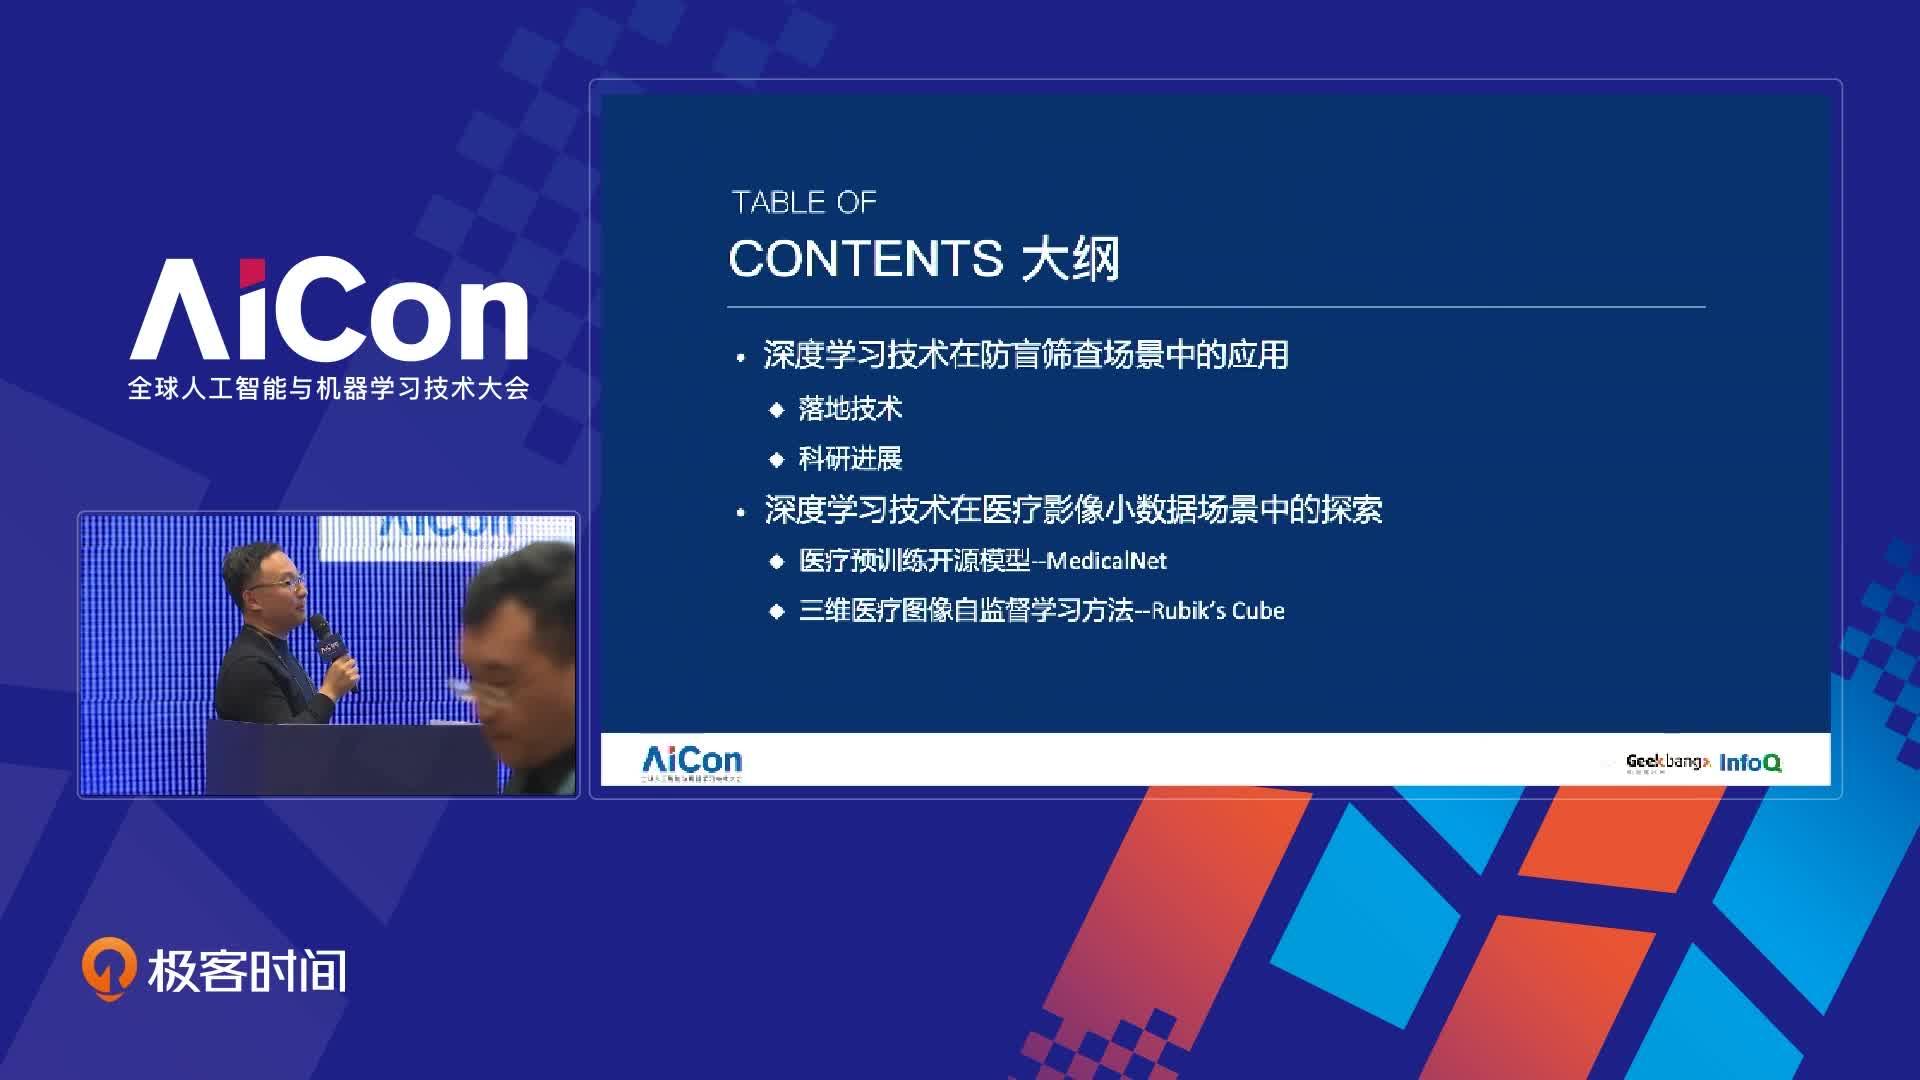 腾讯优图医疗AI的研发与落地丨AlCon